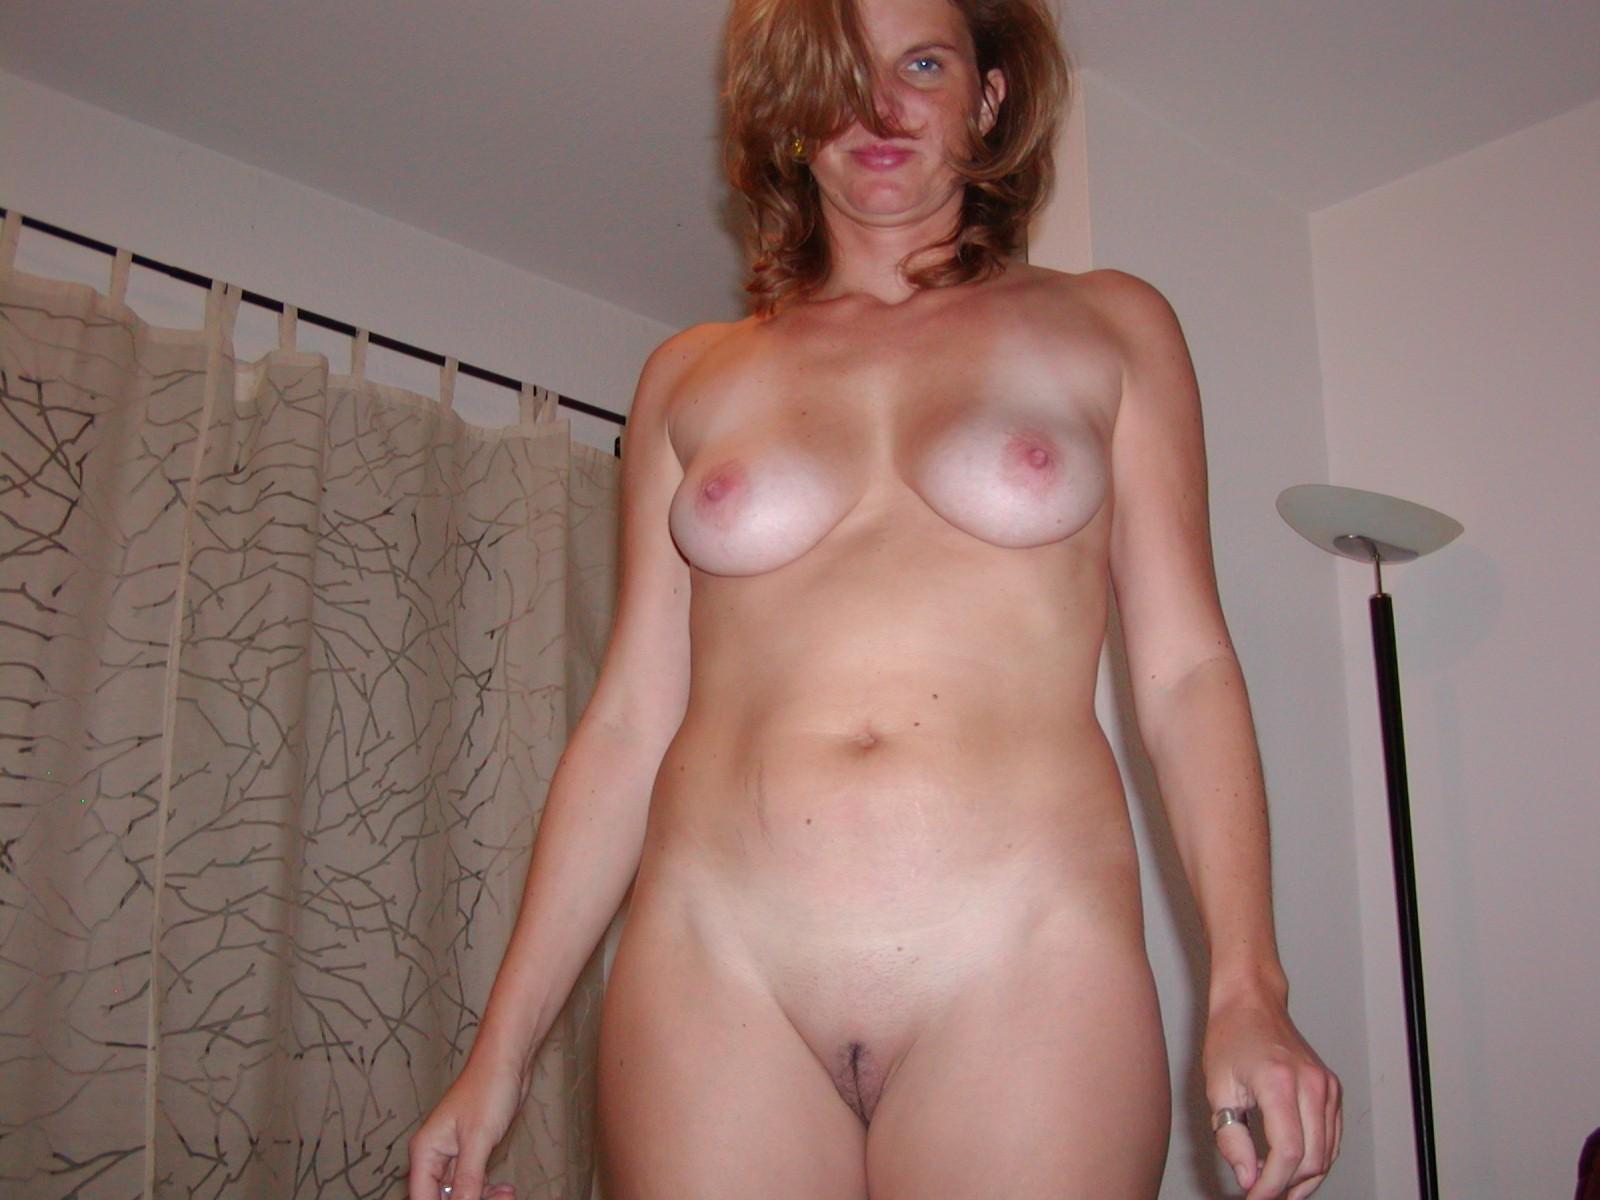 Фото из частного альбома голой женщины, Фотографии Домашний интим, частная эротика и порно 12 фотография